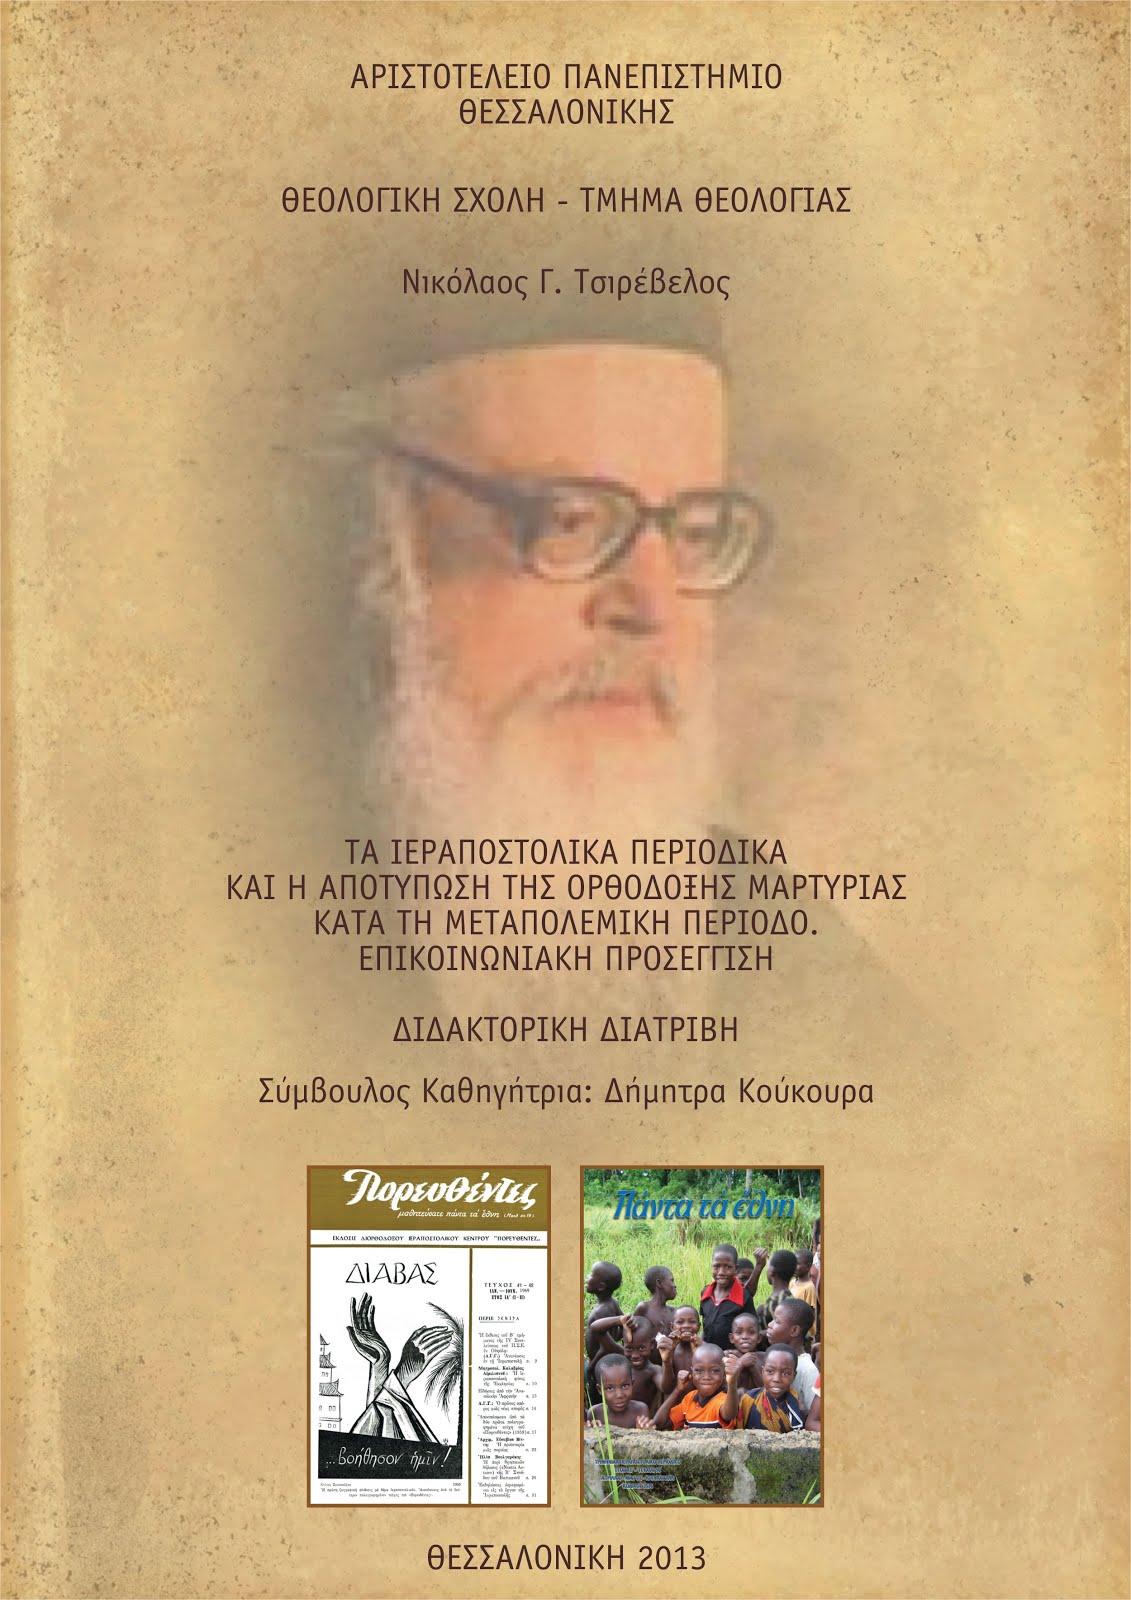 Τα ιεραποστολικα περιοδικα και η αποτυπωση της Ορθοδοξης μαρτυριας. Επικοινωνιακη προσεγγιση